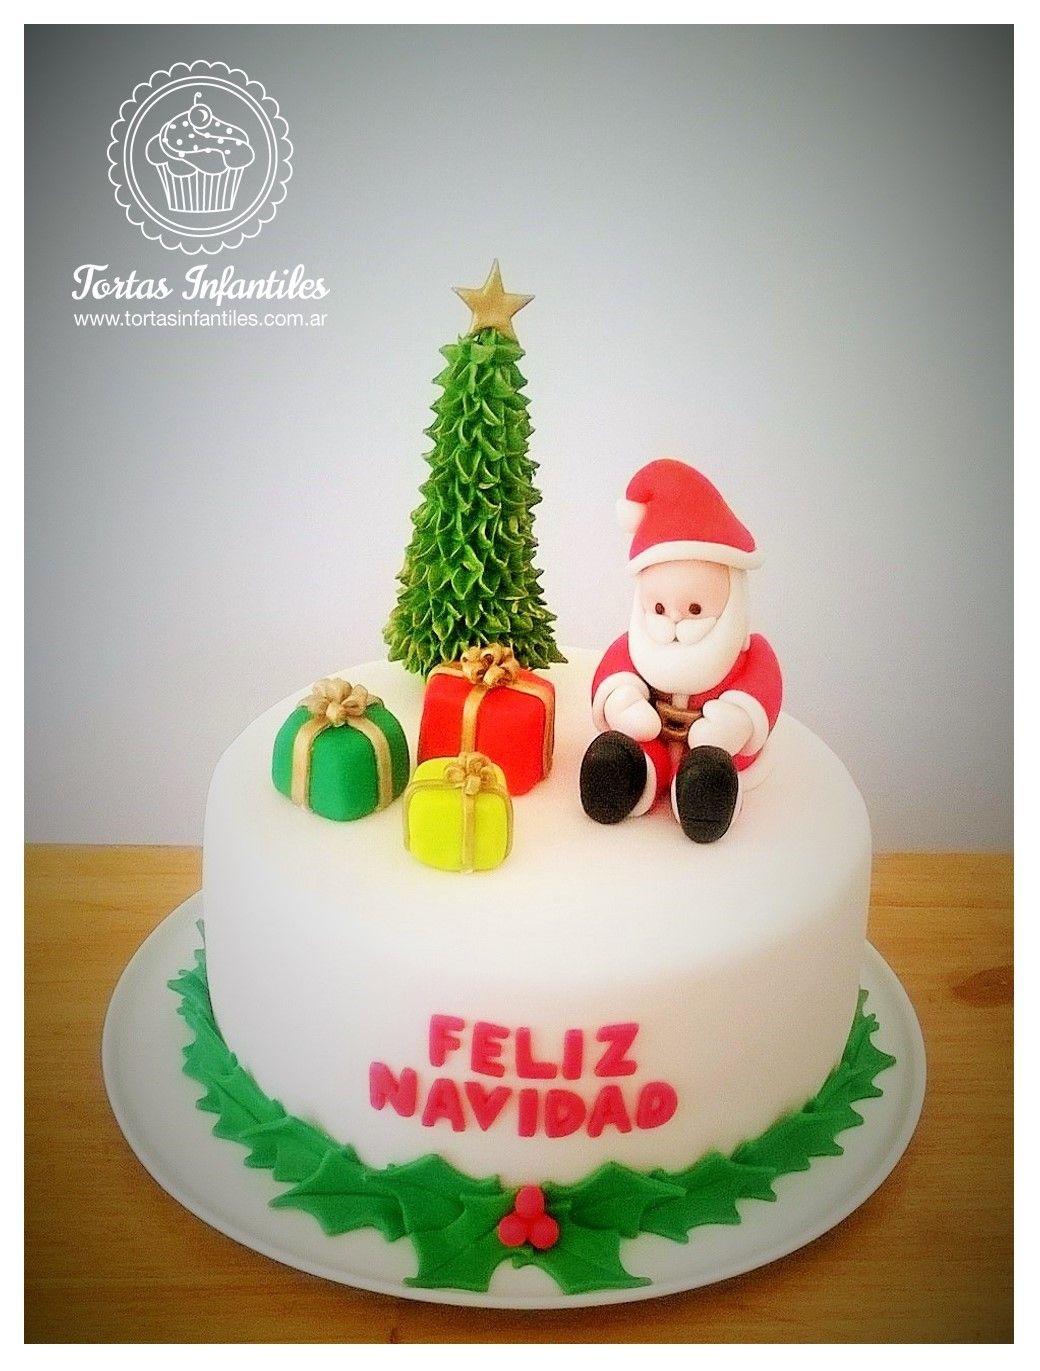 Torta De Navidad Con Papa Noel Arbol De Navidad Y Regalos Fondant Tutorial Cake Fondant